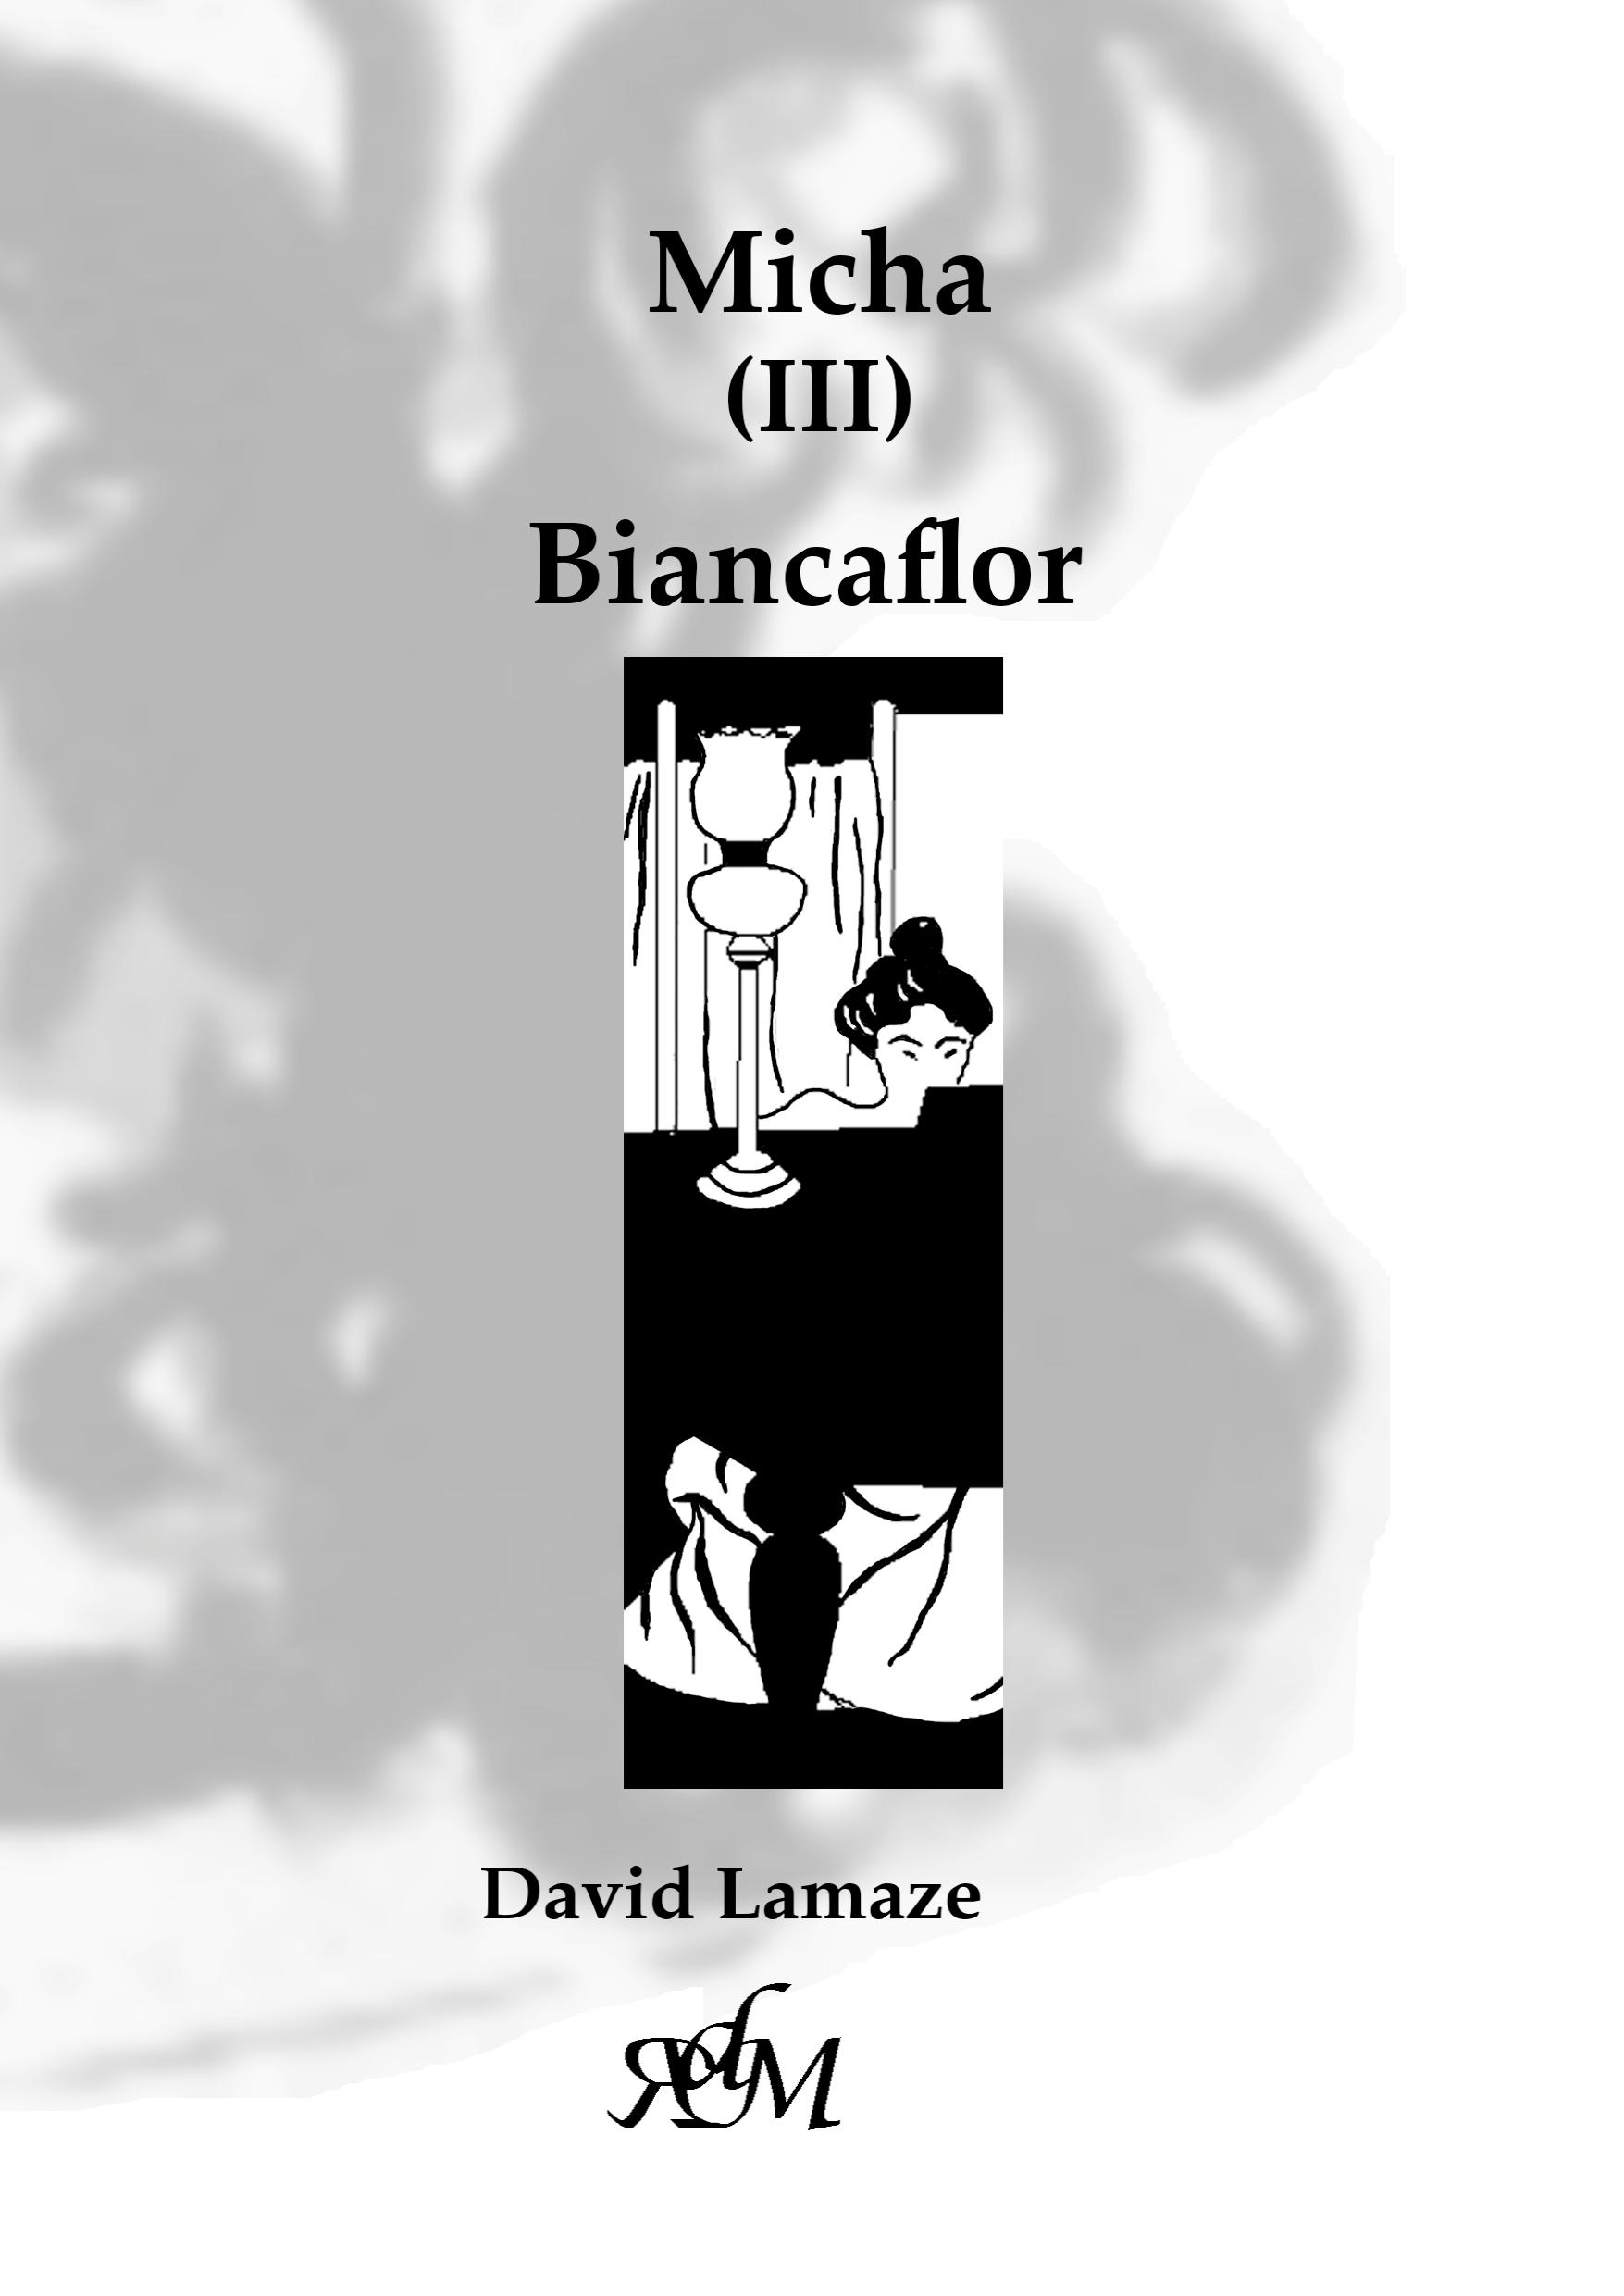 Micha (III) Biancaflor